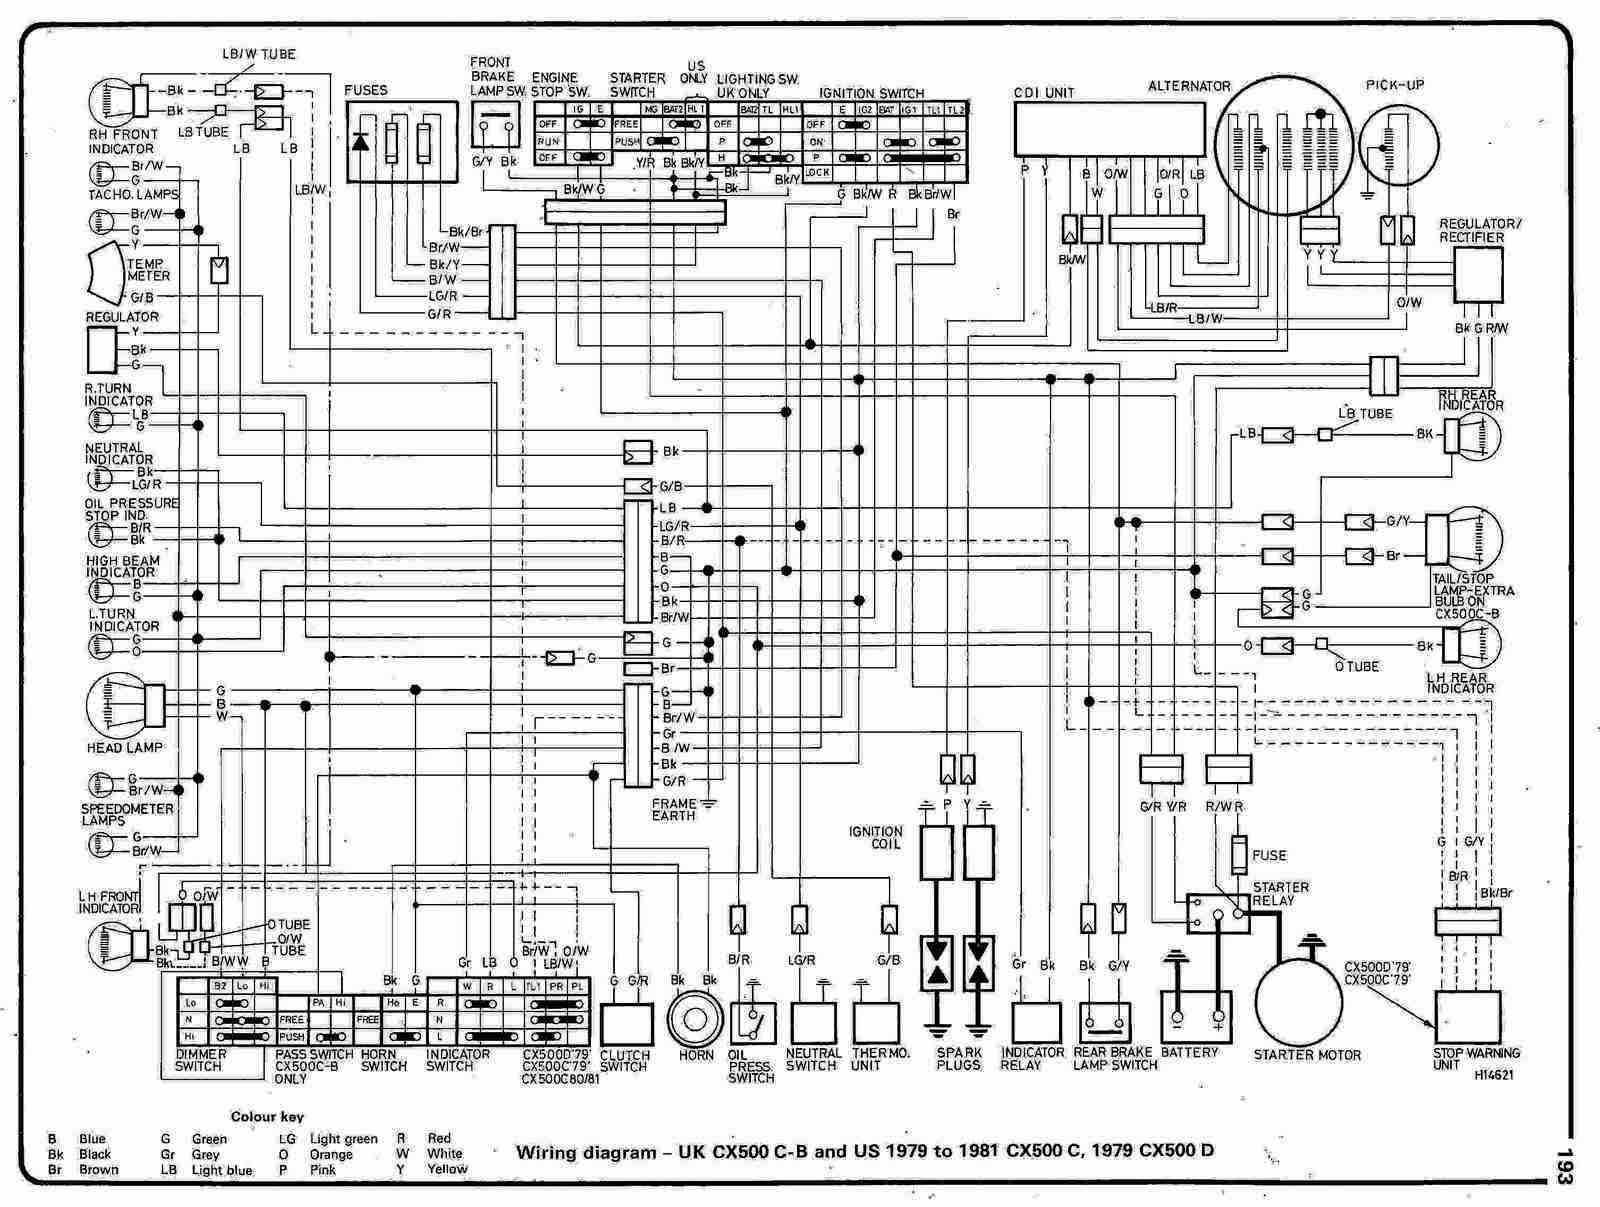 2003 gl1800 wiring diagrams complete wiring diagrams \u2022 cb1100 wiring diagram 2003 gl1800 wiring diagram best wiring diagram image 2018 rh diagram oceanodigital us 2003 goldwing wiring diagram 2003 gl1800 wiring diagram